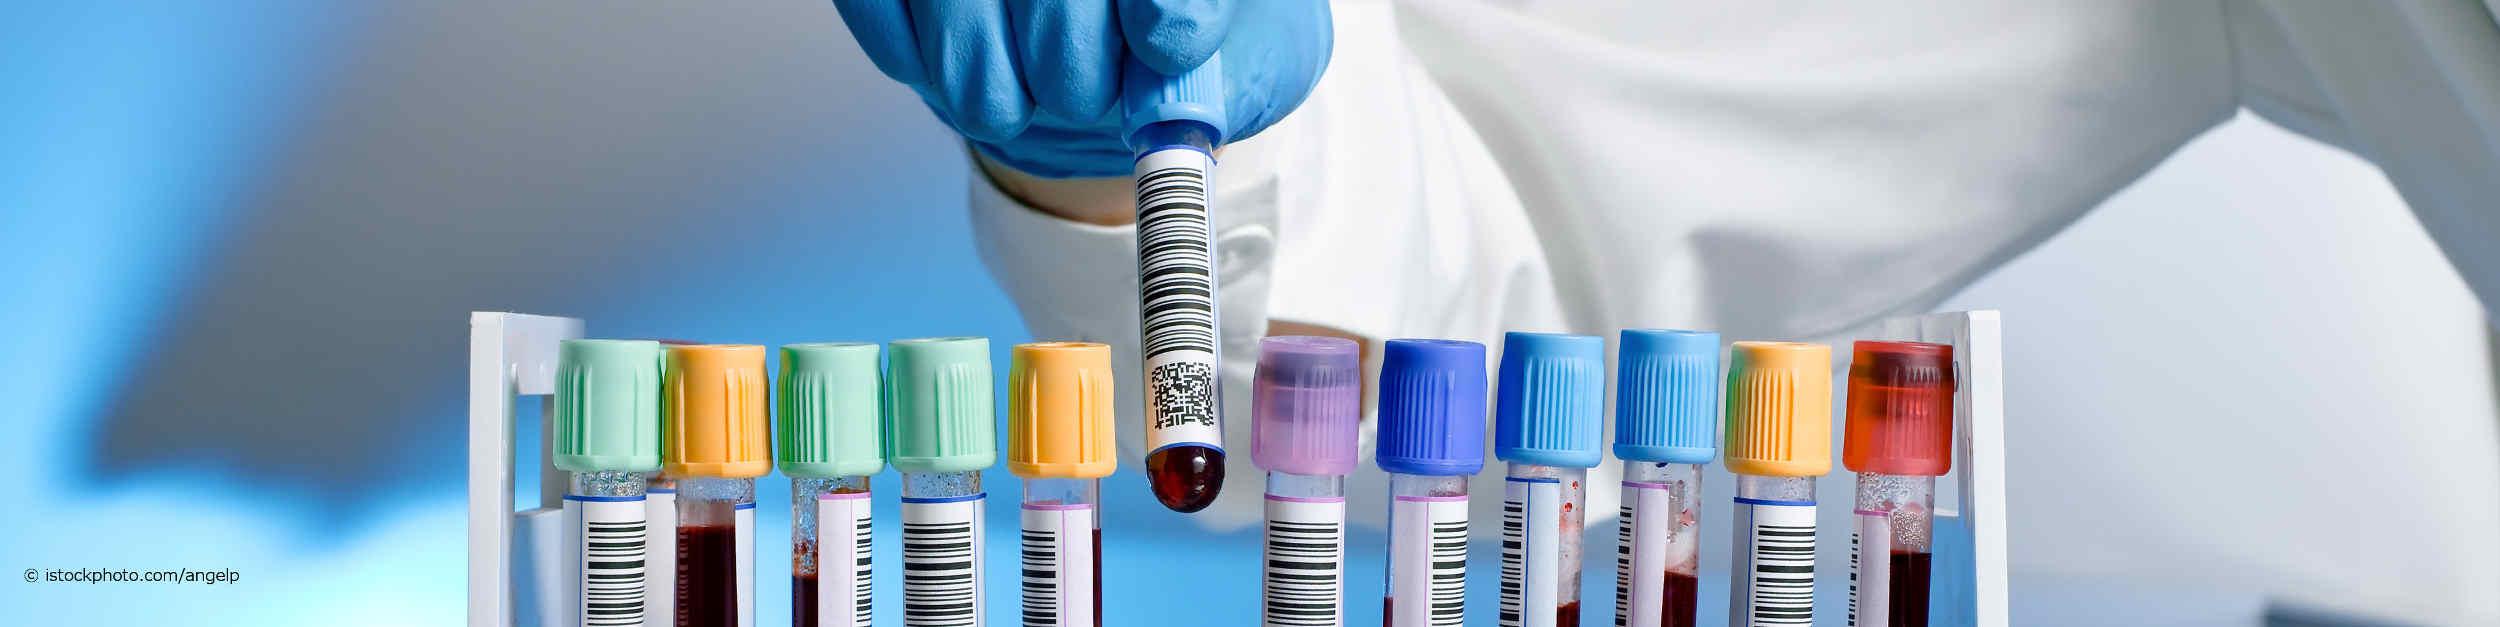 Ein bei DocInsider registrierter Facharzt für Laboratoriumsmedizin fügt ein Röhrchen mit einer Blutprobe und Strich- und Barcodebeschriftung in eine Halterung mit elf anderen Blutproben ein.